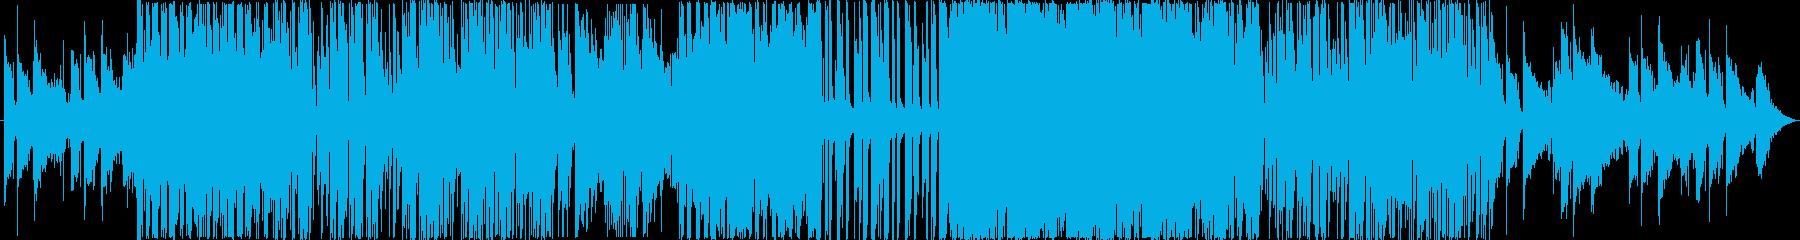 未来の音楽フューチャーベースの再生済みの波形